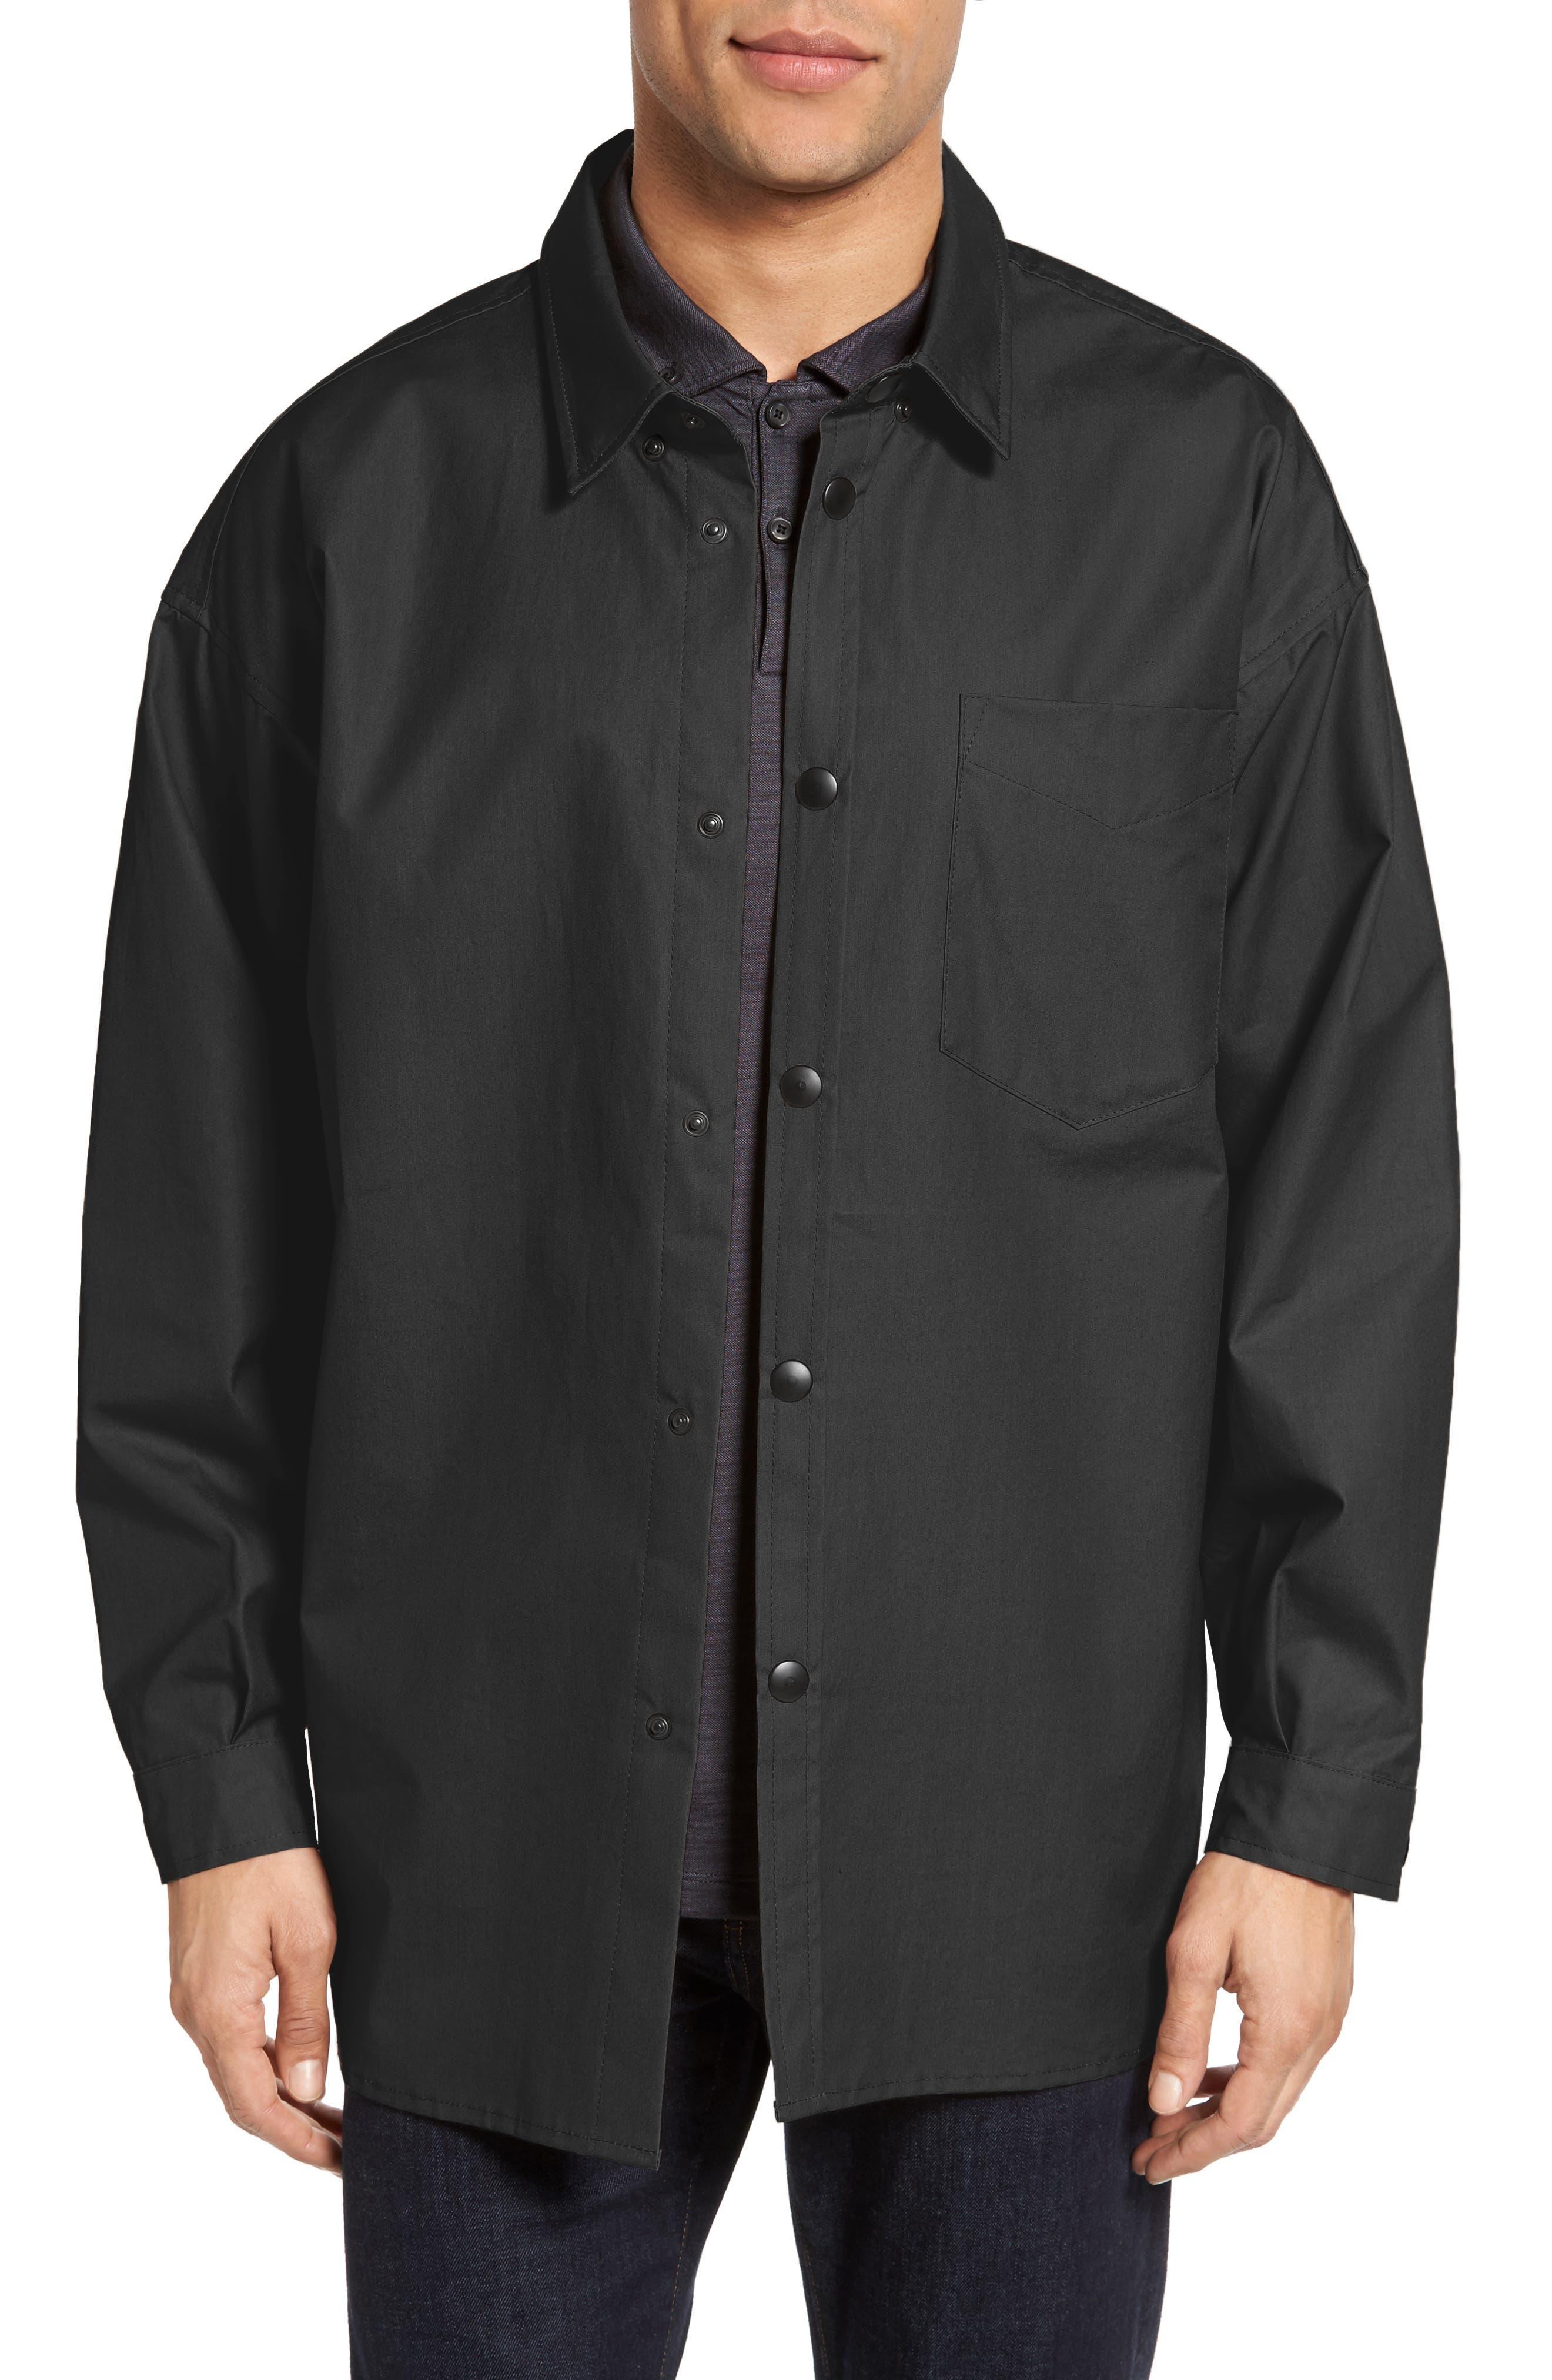 STUTTERHEIM, Lerum Relaxed Fit Shirt Jacket, Main thumbnail 1, color, 001